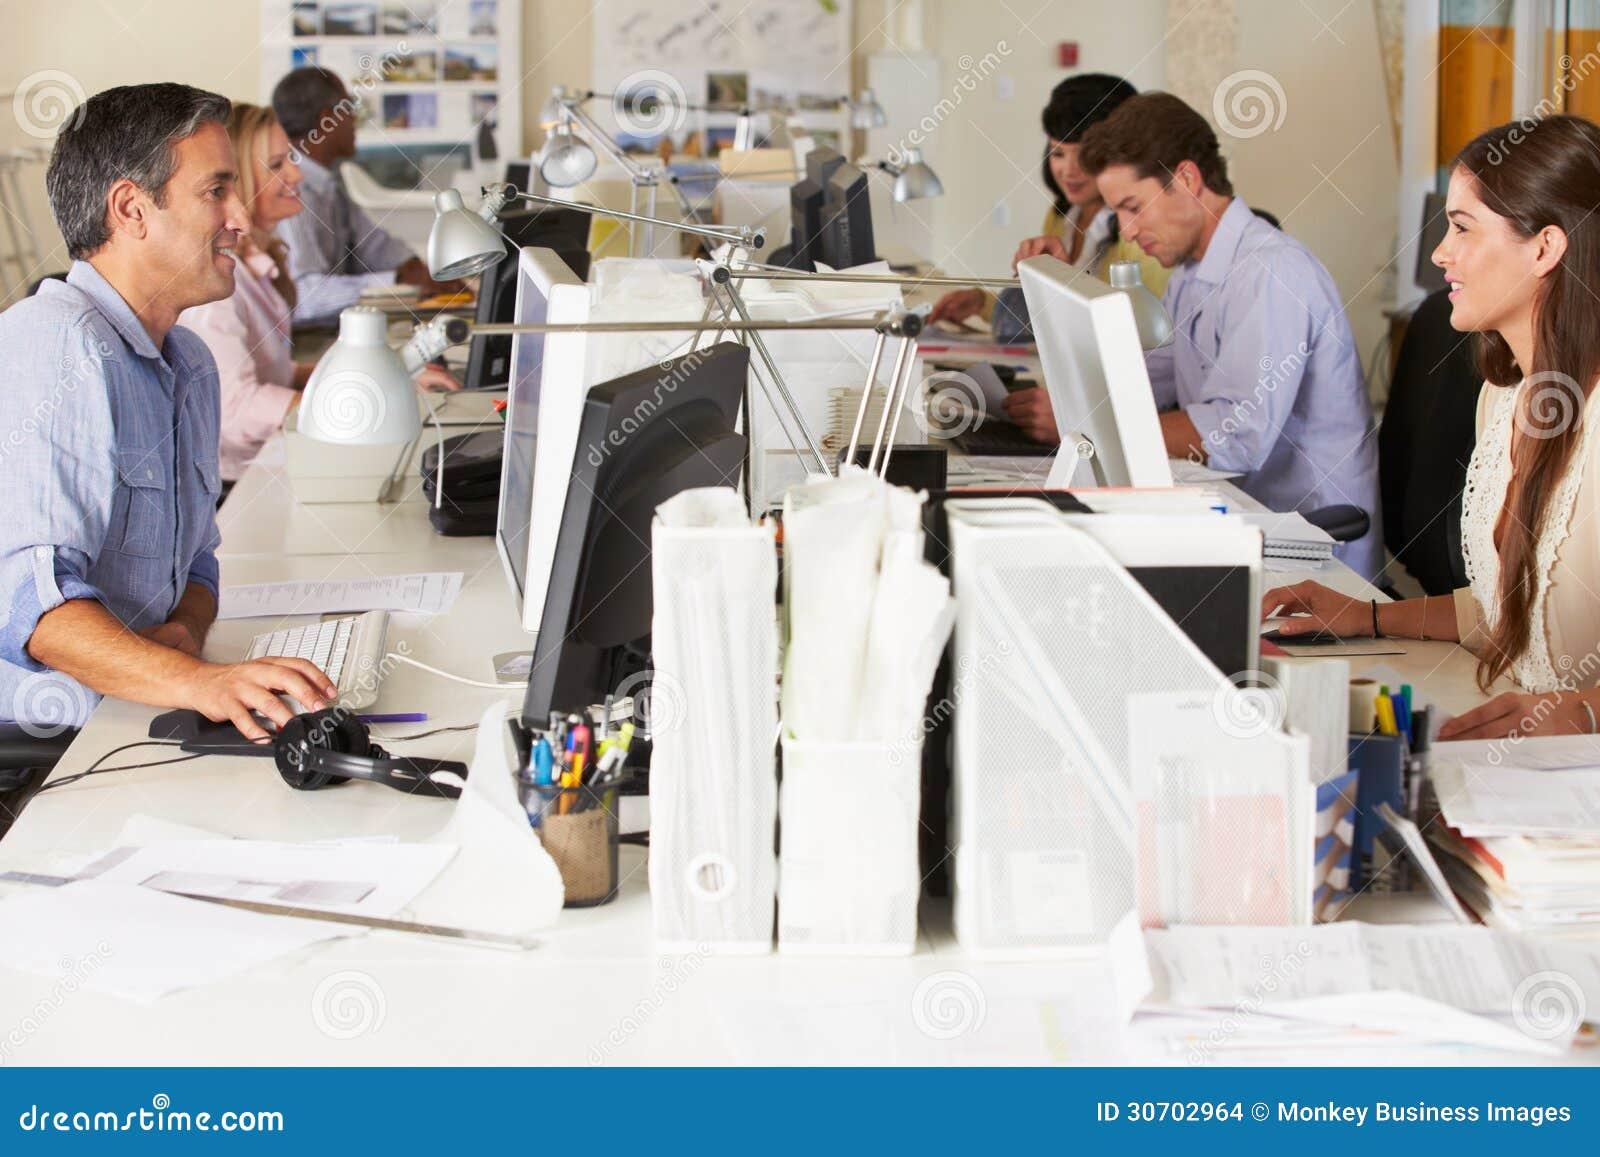 Escritório ocupado de Team Working At Desks In